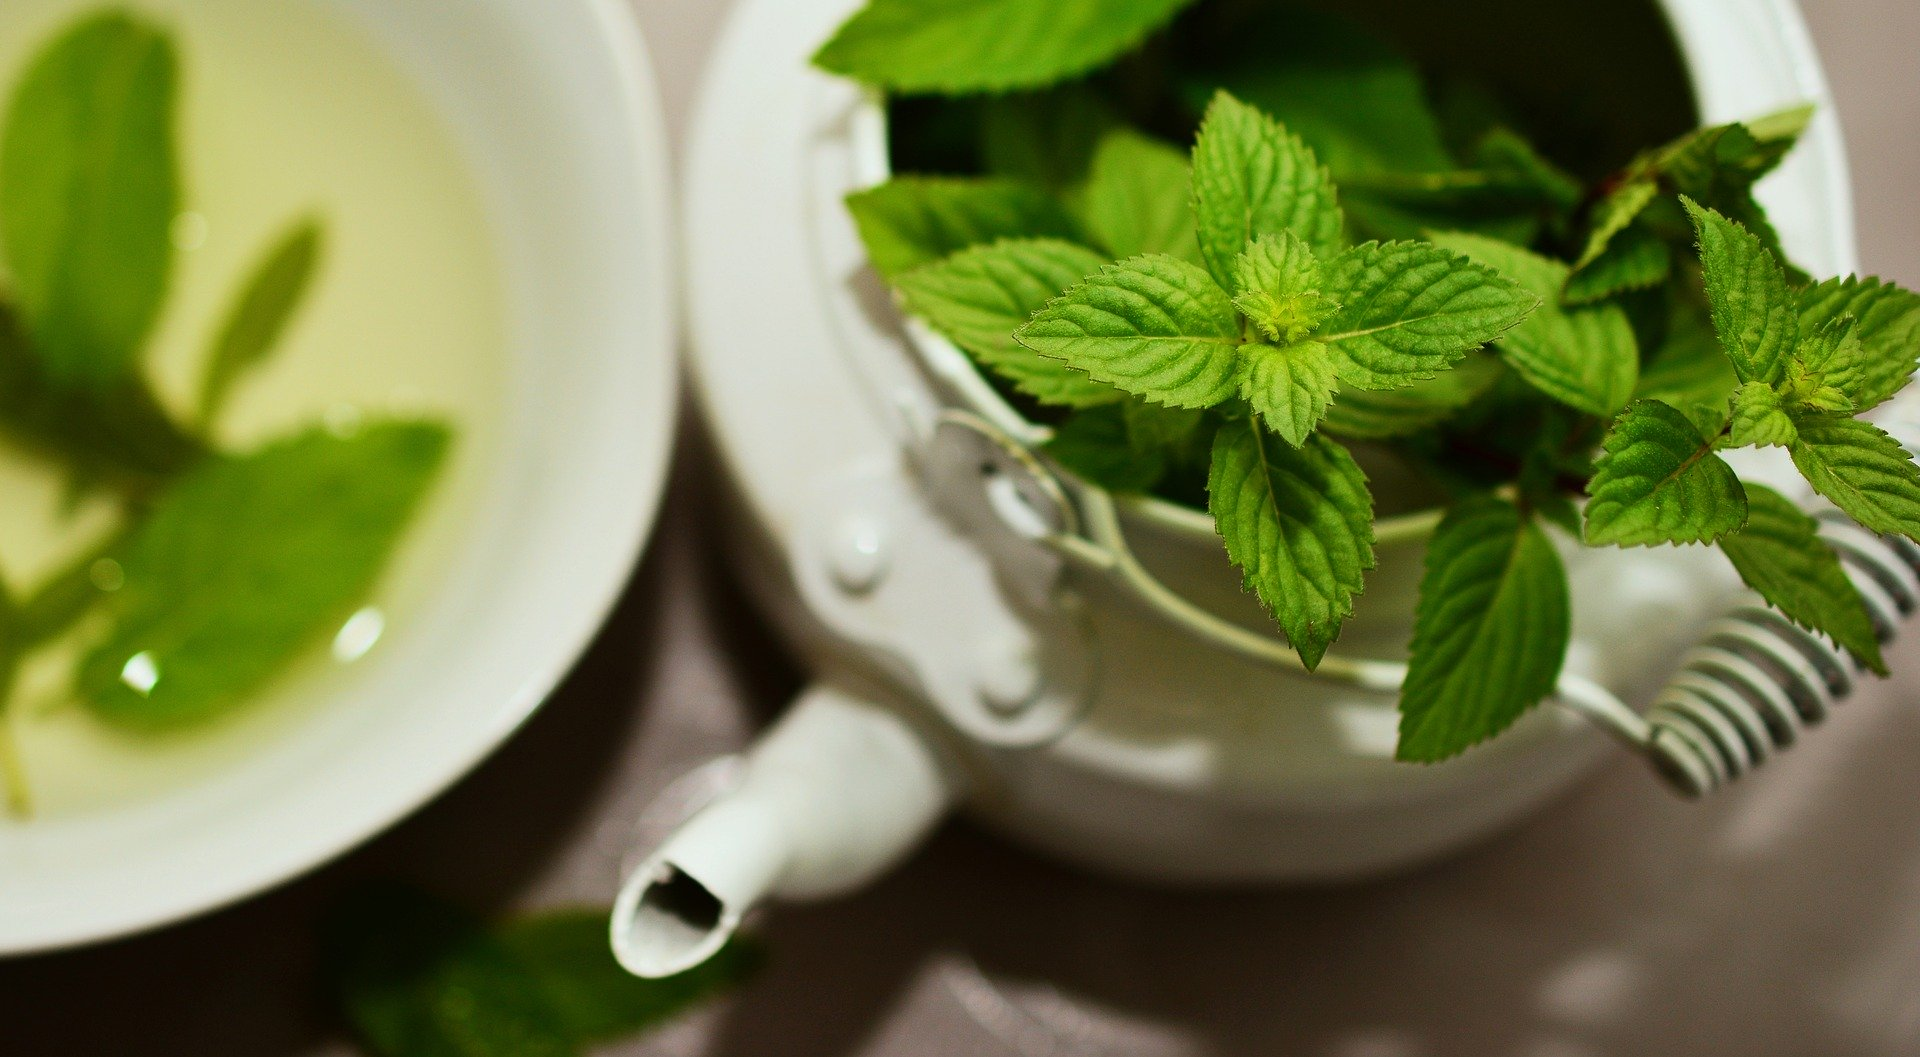 Pourquoi la voyance avec les feuilles de thé peut vous aider dans votre futur sentimental